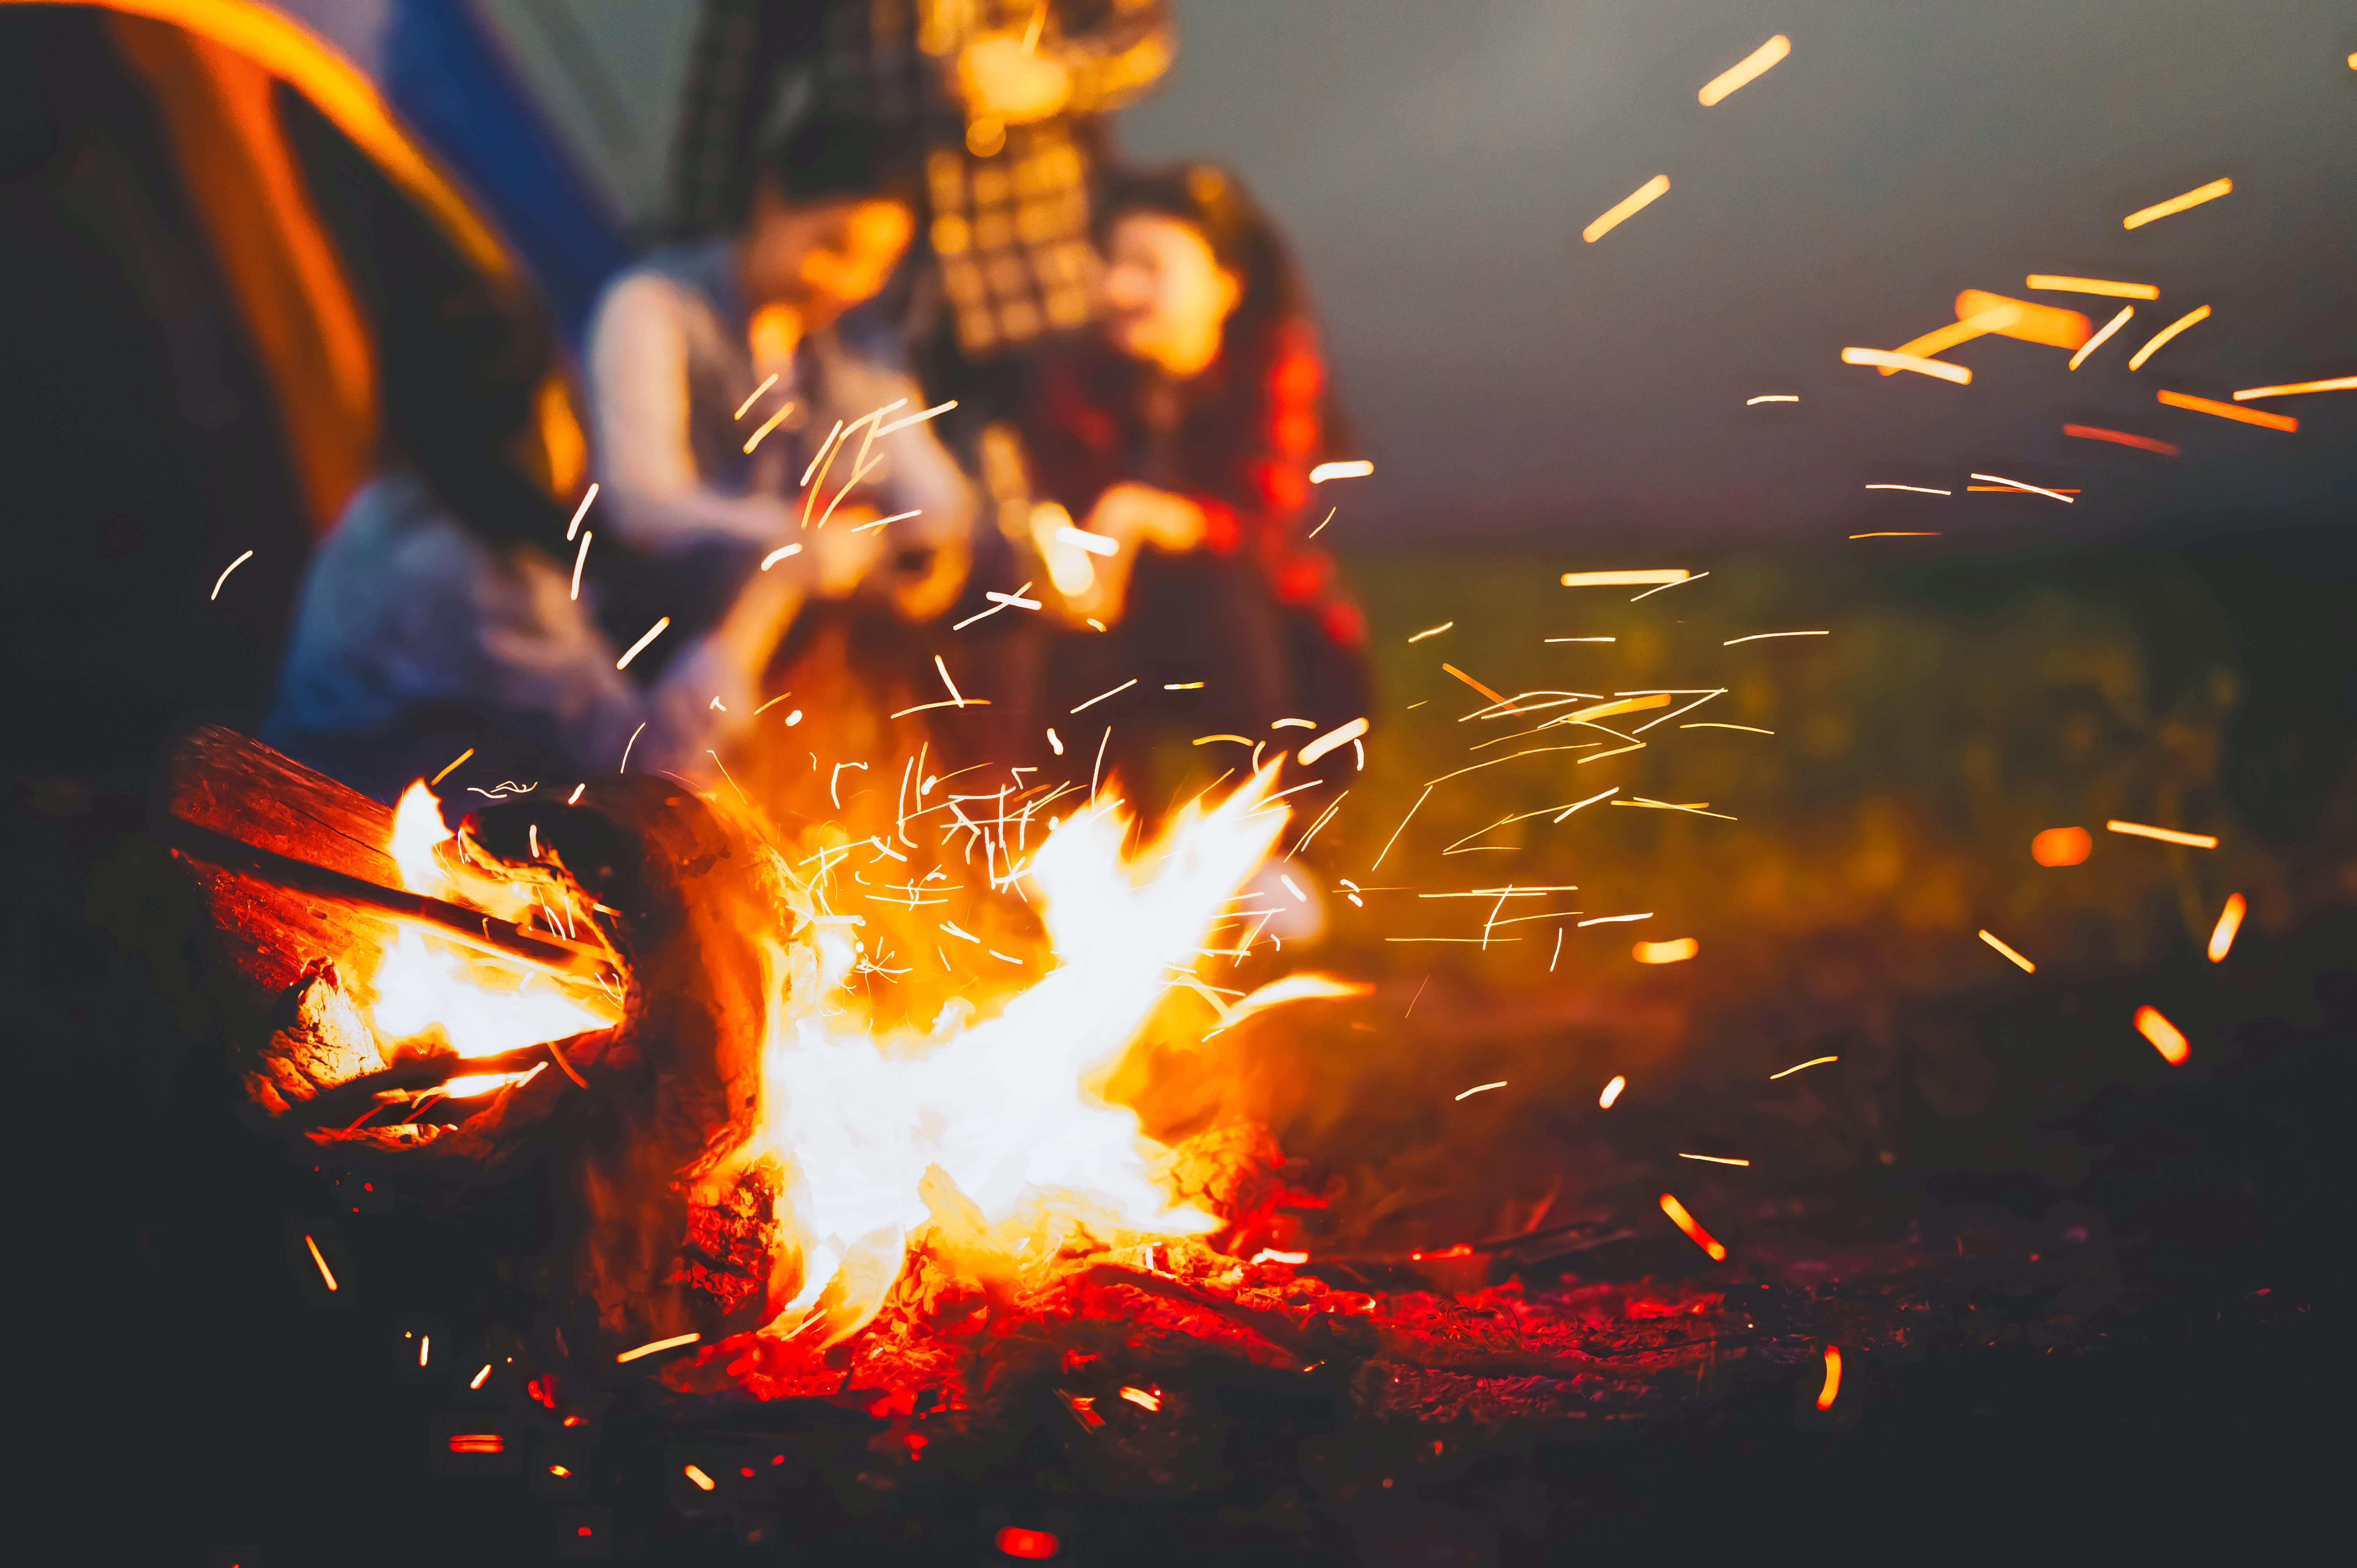 1576496750_1575541652_bonfire3.jpg.jpg